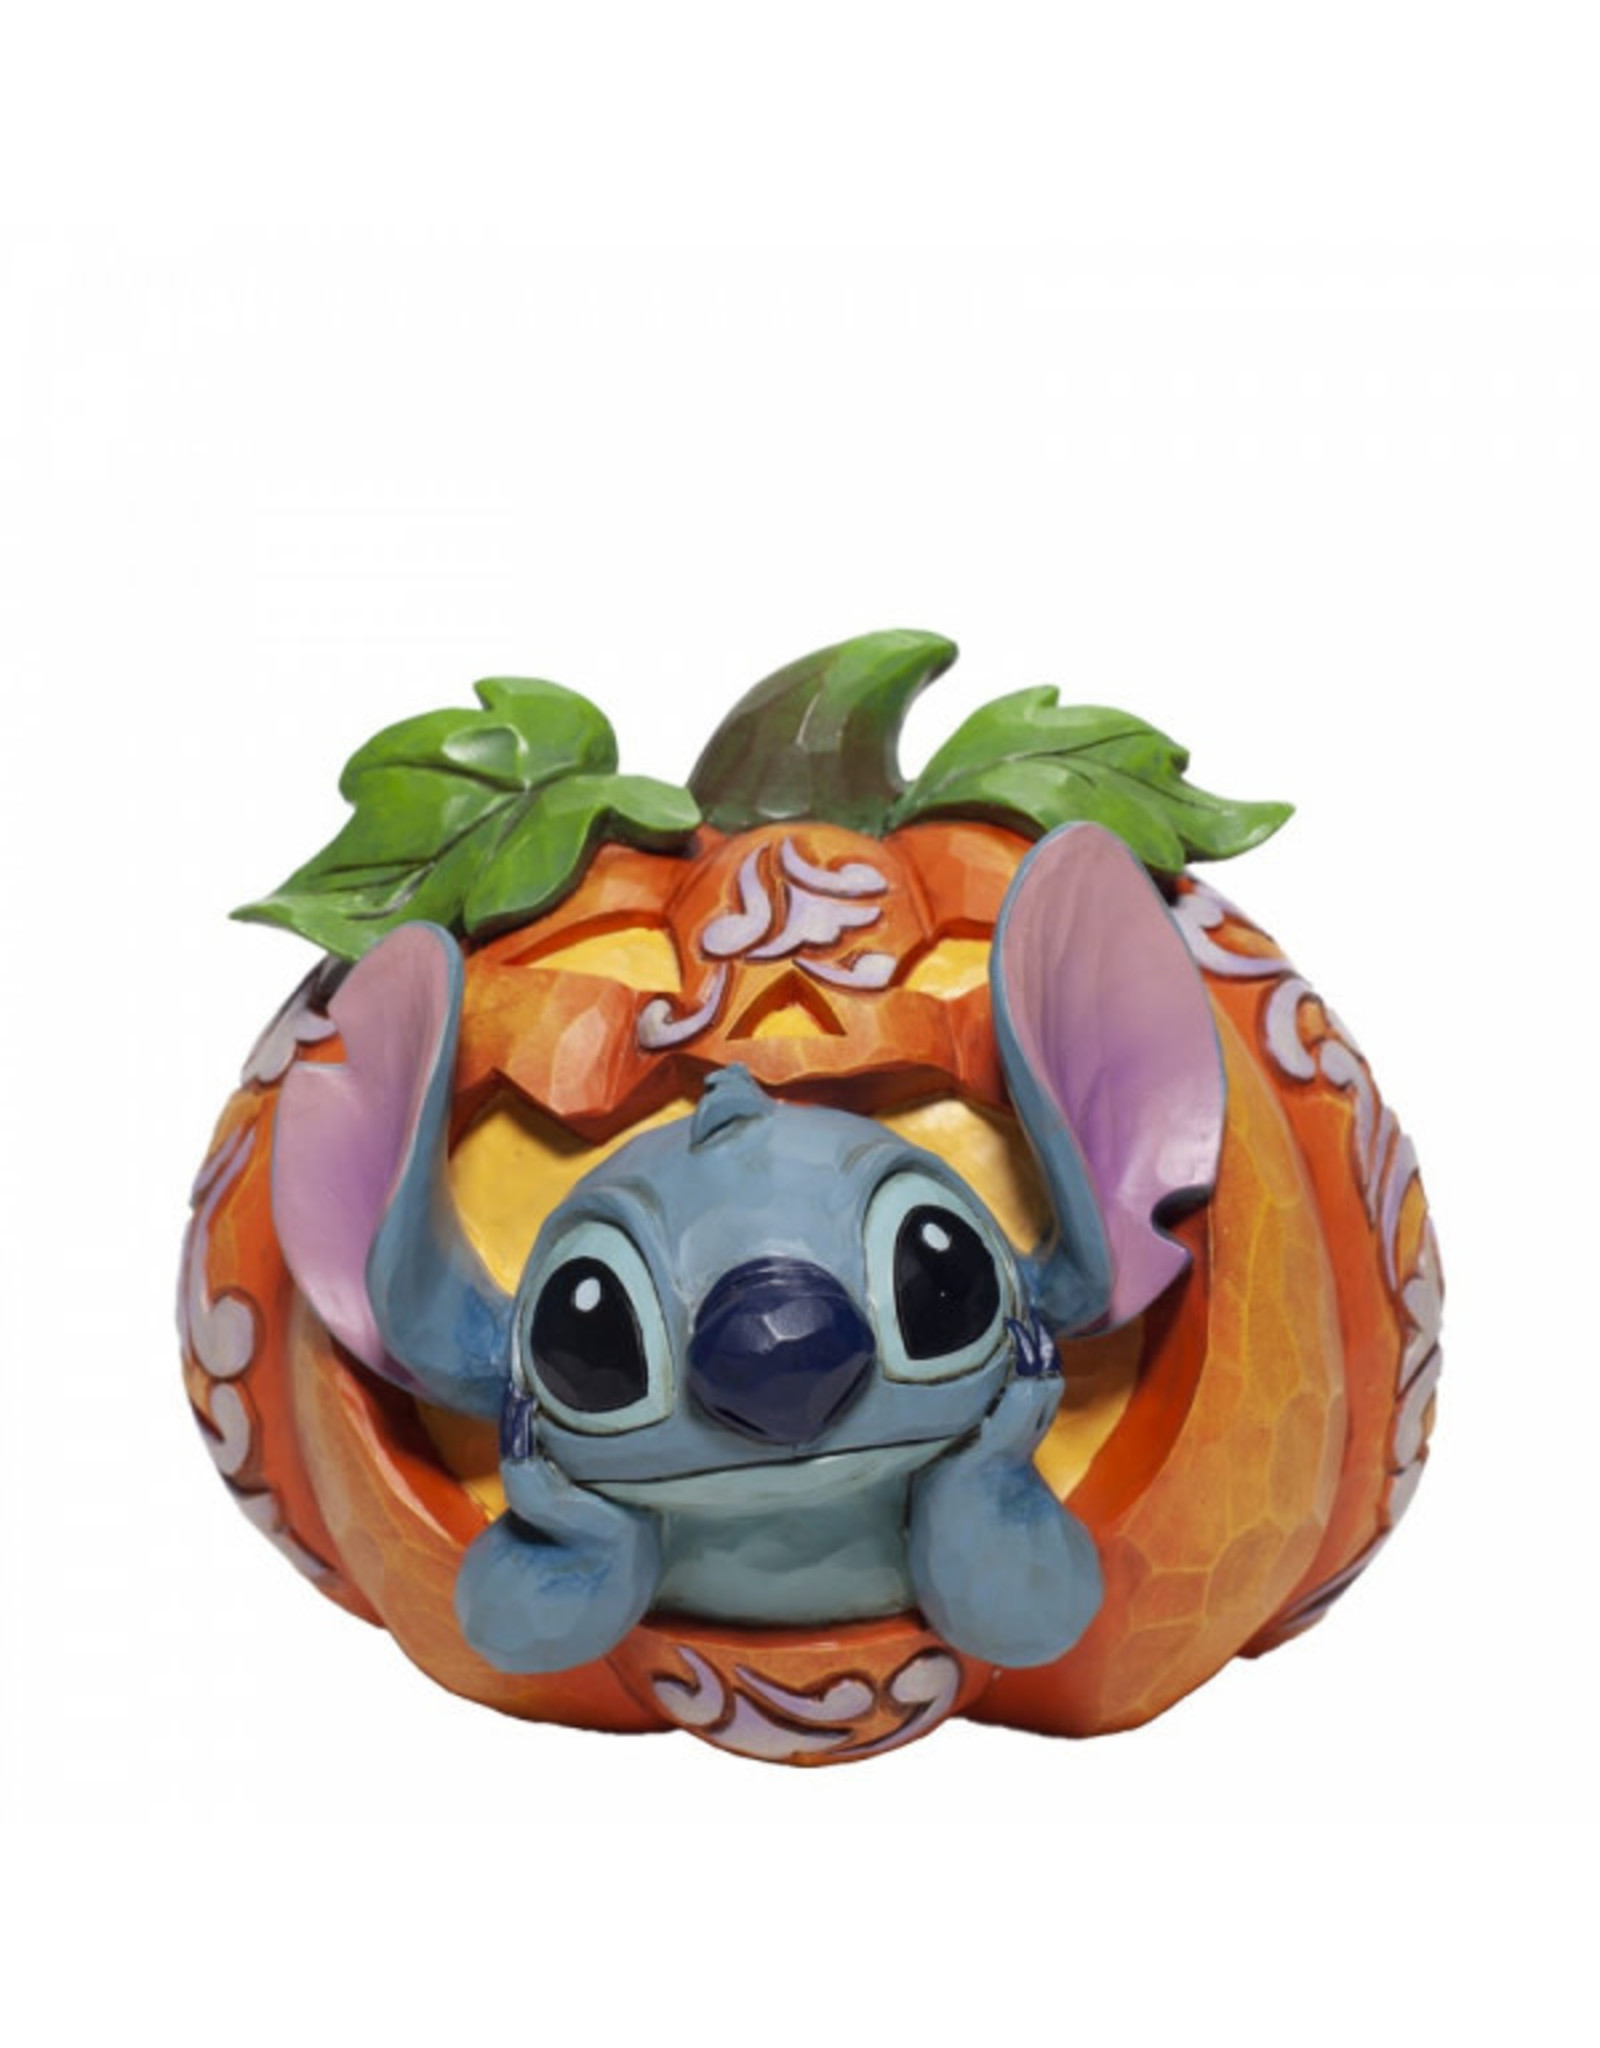 Disney LILO & STITCH Traditions Figure 13x6x14cm - Stitch O' Lantern